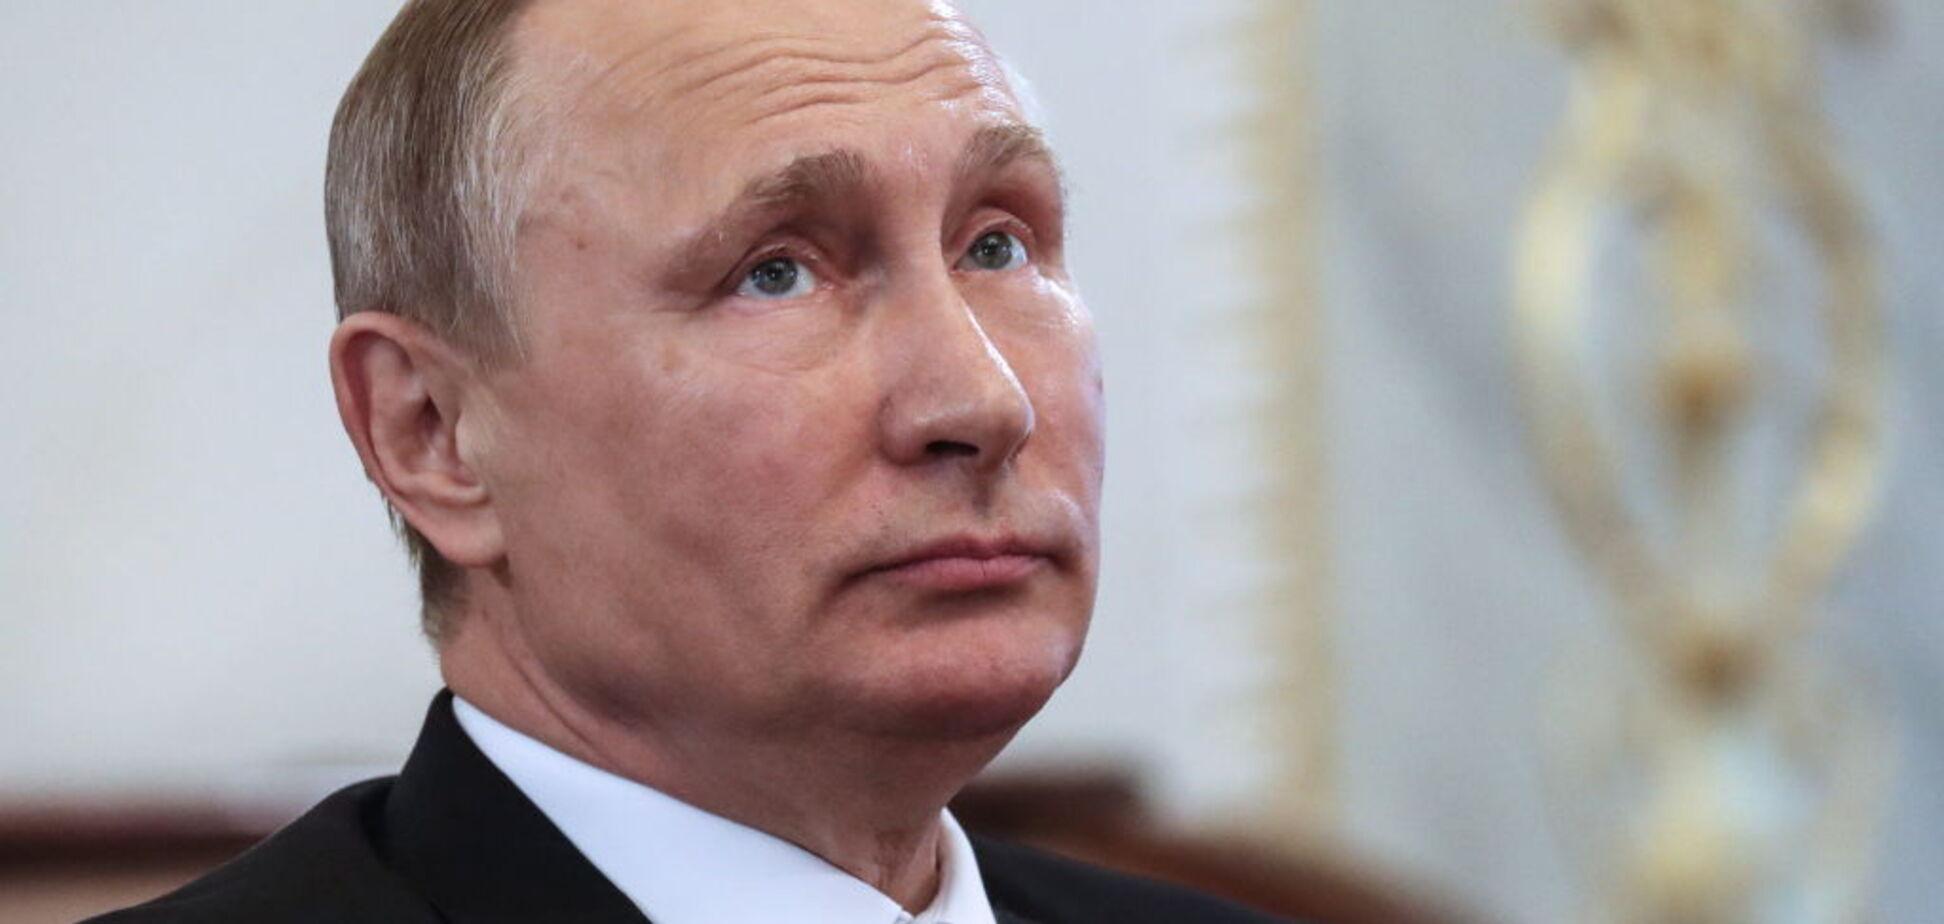 'Життя налагоджується': у Путіна придумали, як підправити його репутацію перед виборами